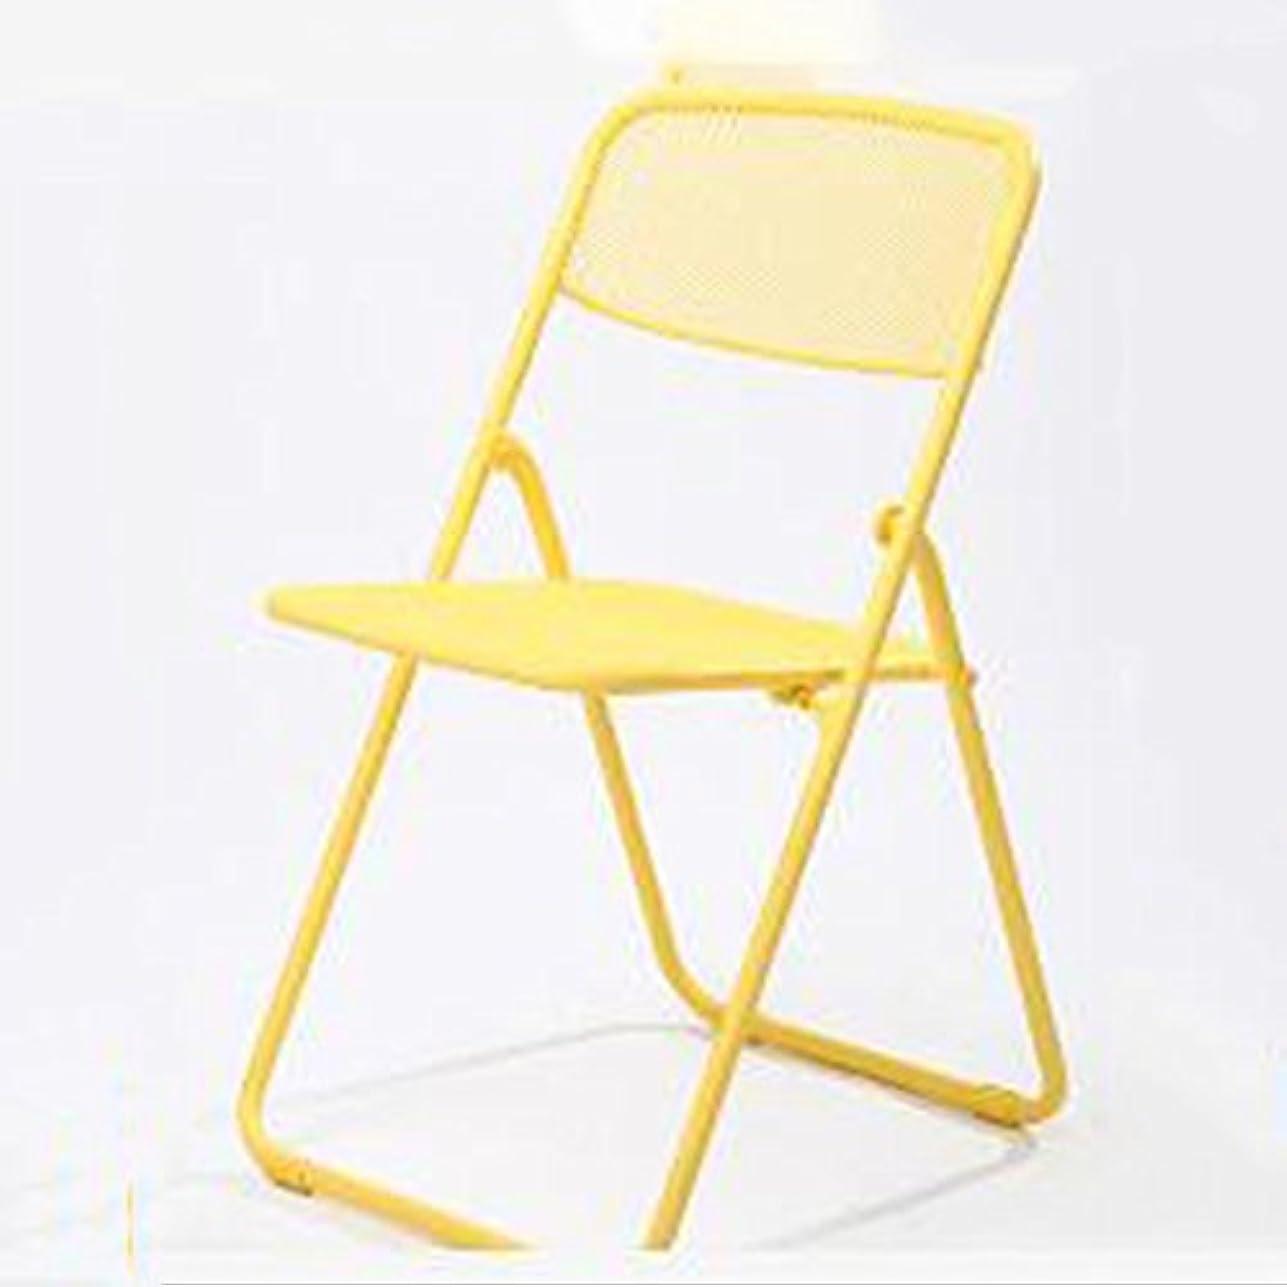 土地症候群器官JTWJ 折りたたみ椅子灰色の黄色の緑のラウンジチェアステンレス鋼ポータブル釣りチェア (Color : Yellow)